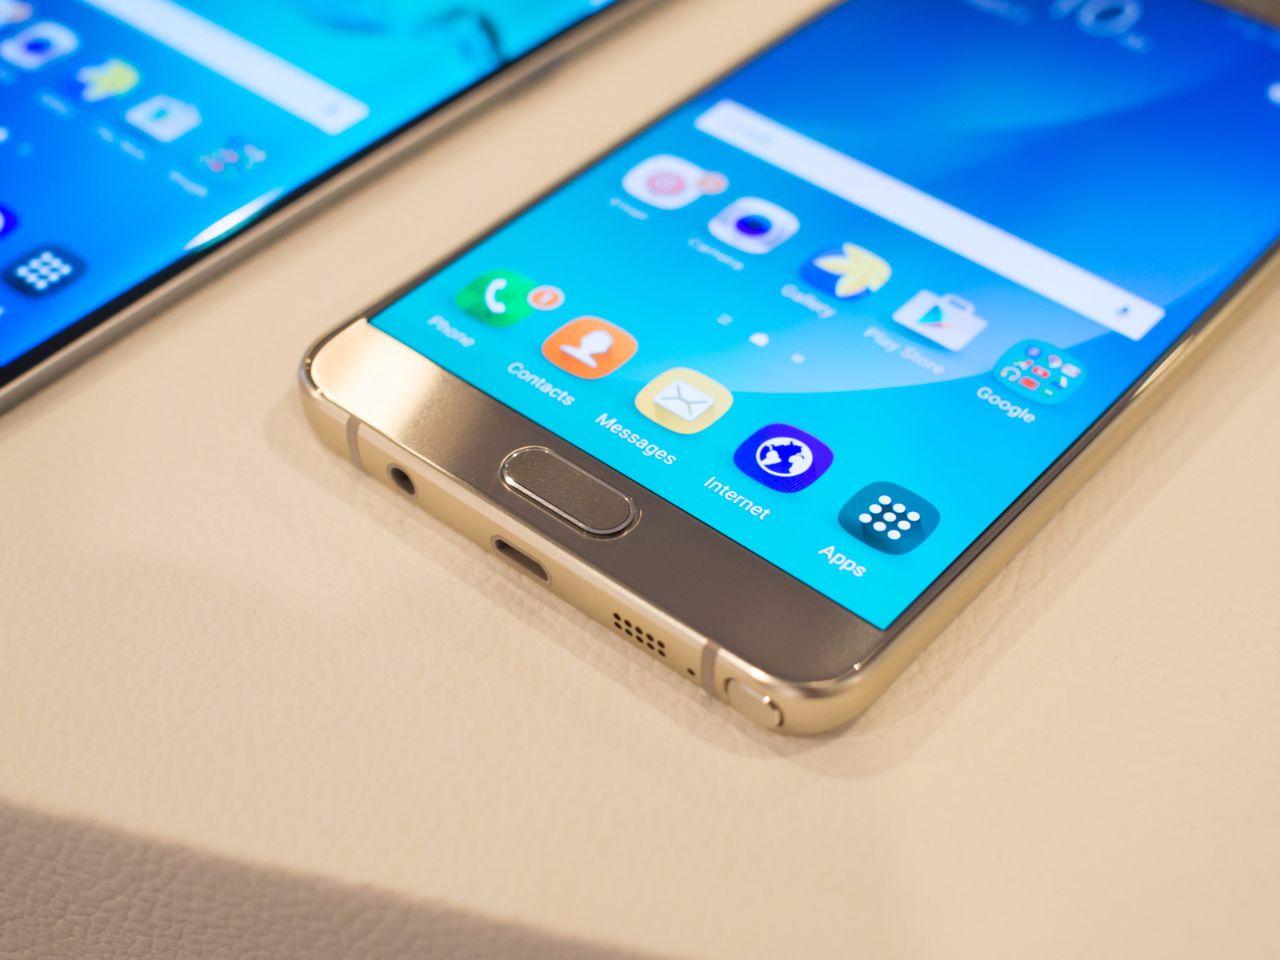 Самсунг выпустит 6-гигабайтную версию Galaxy Note 7, однако только в КНР